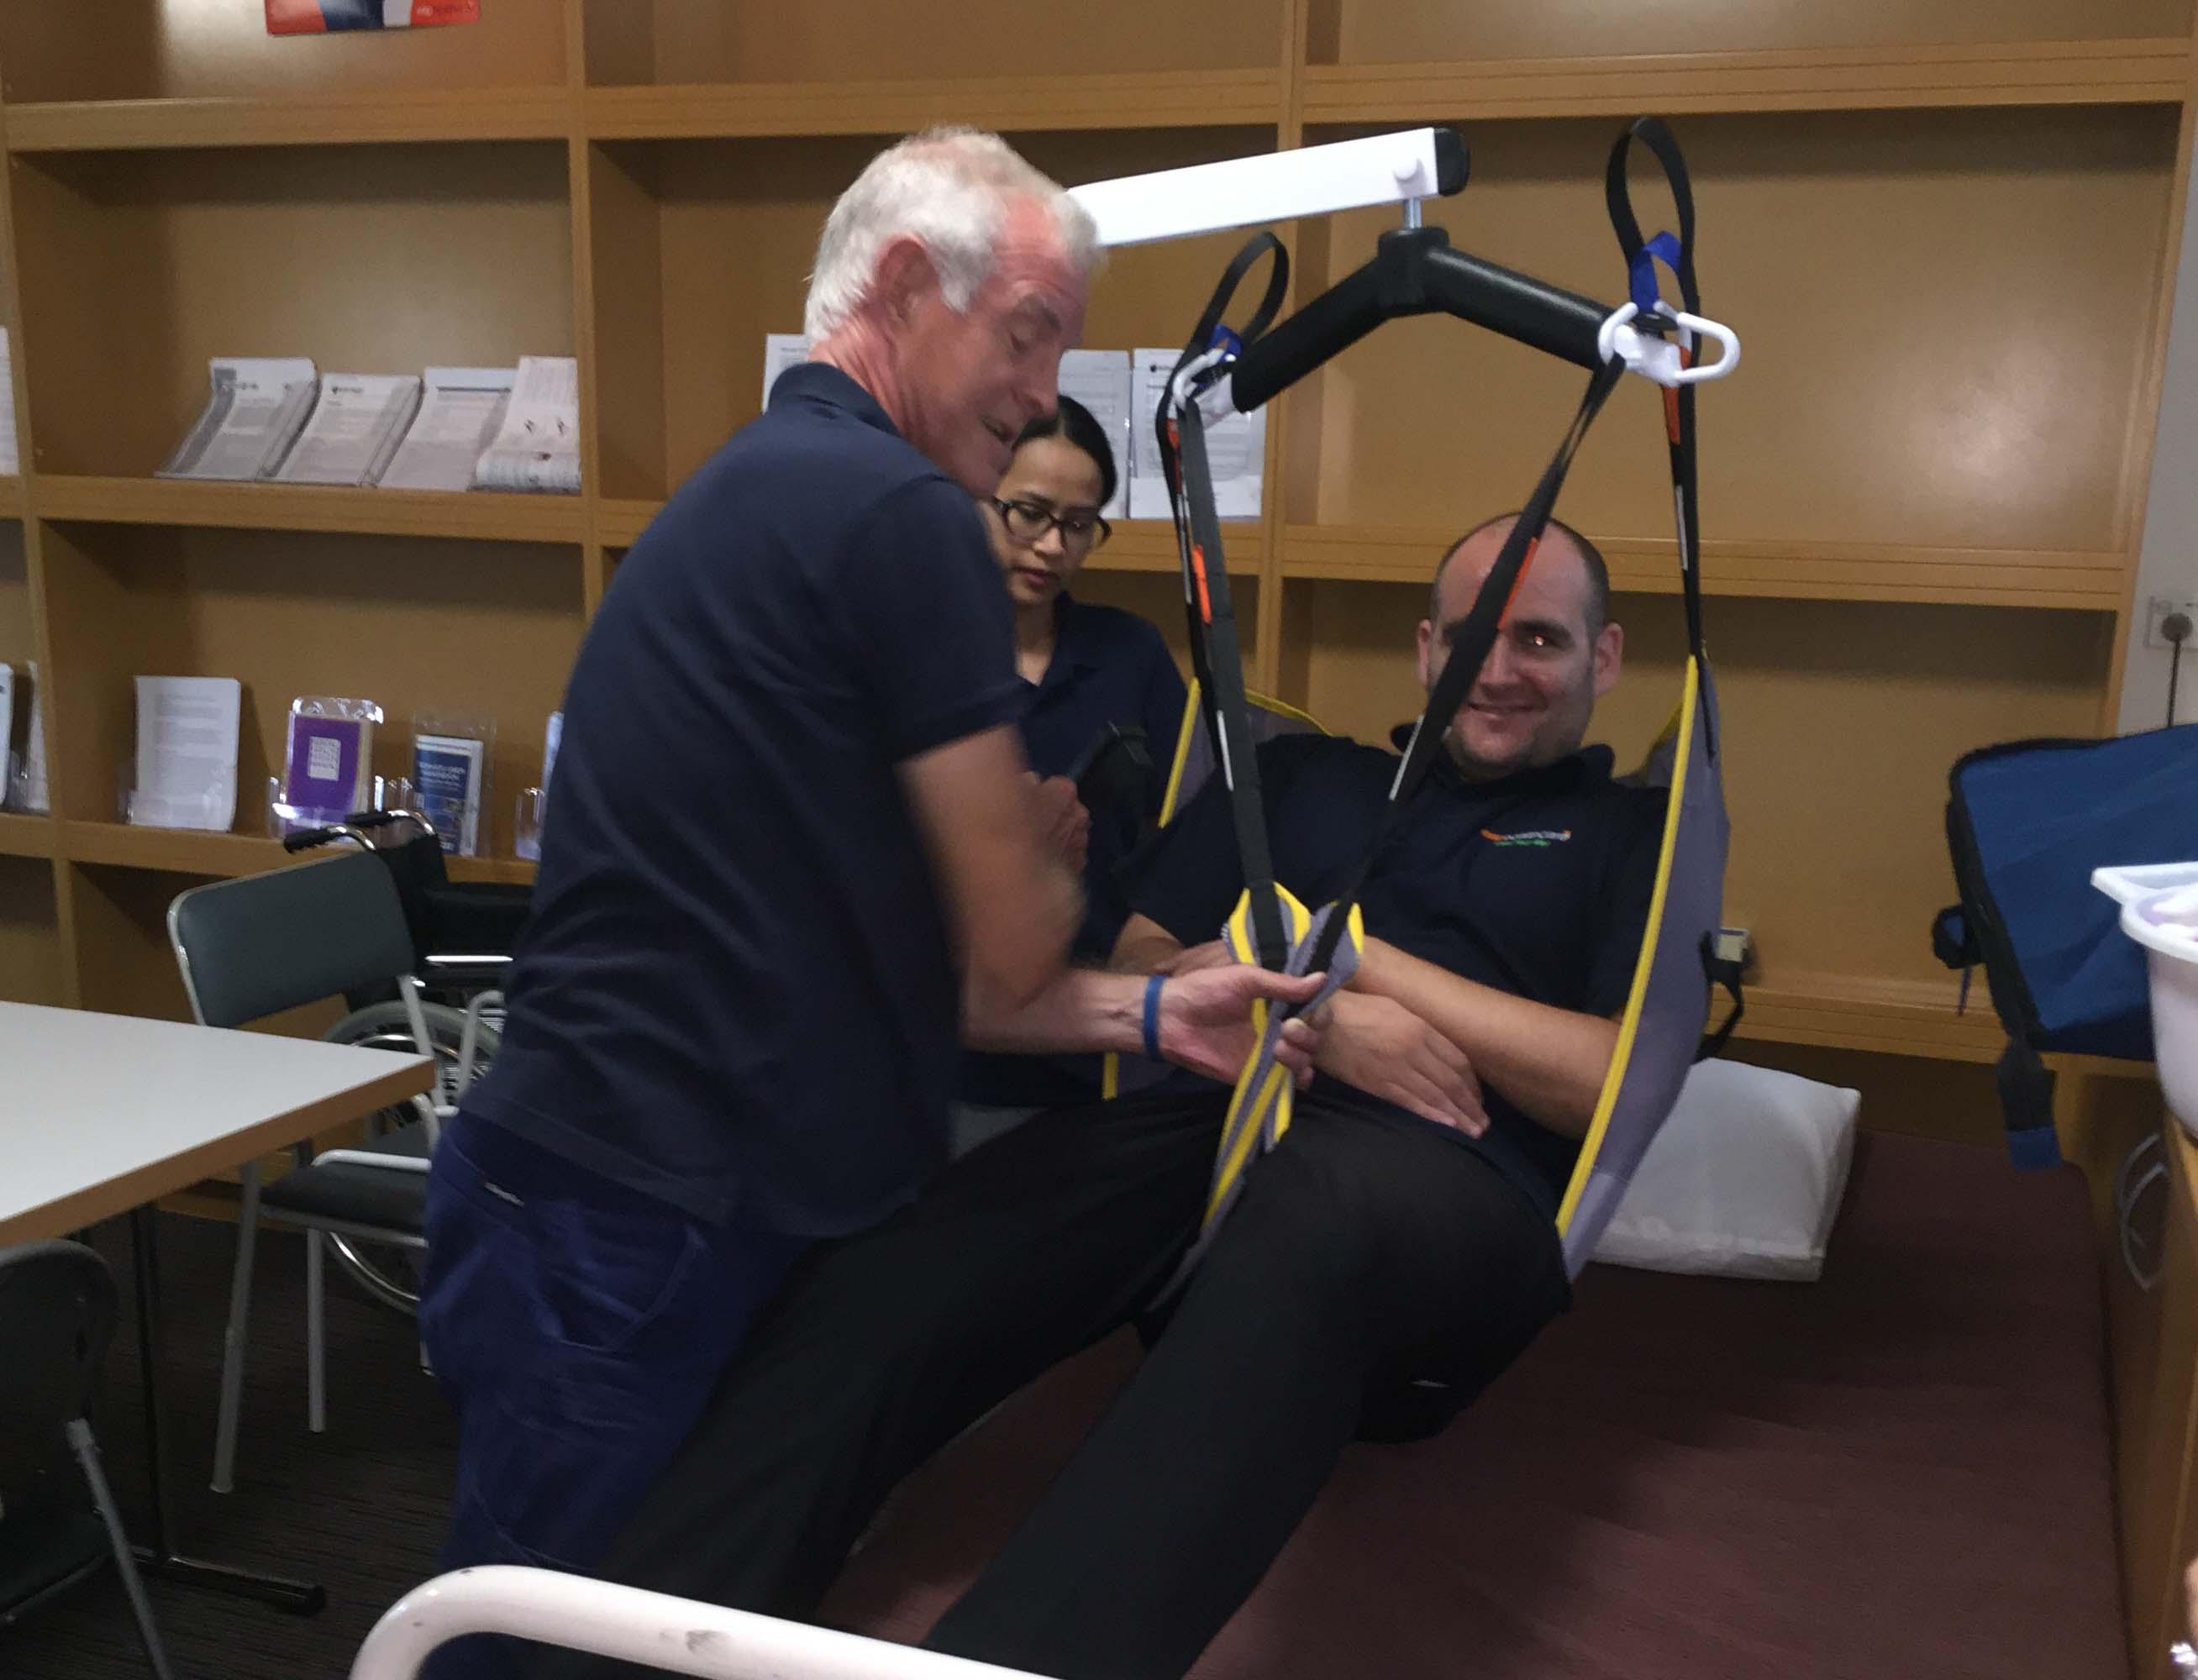 Training 1 - Sydney Home Care - ESP Healthcare